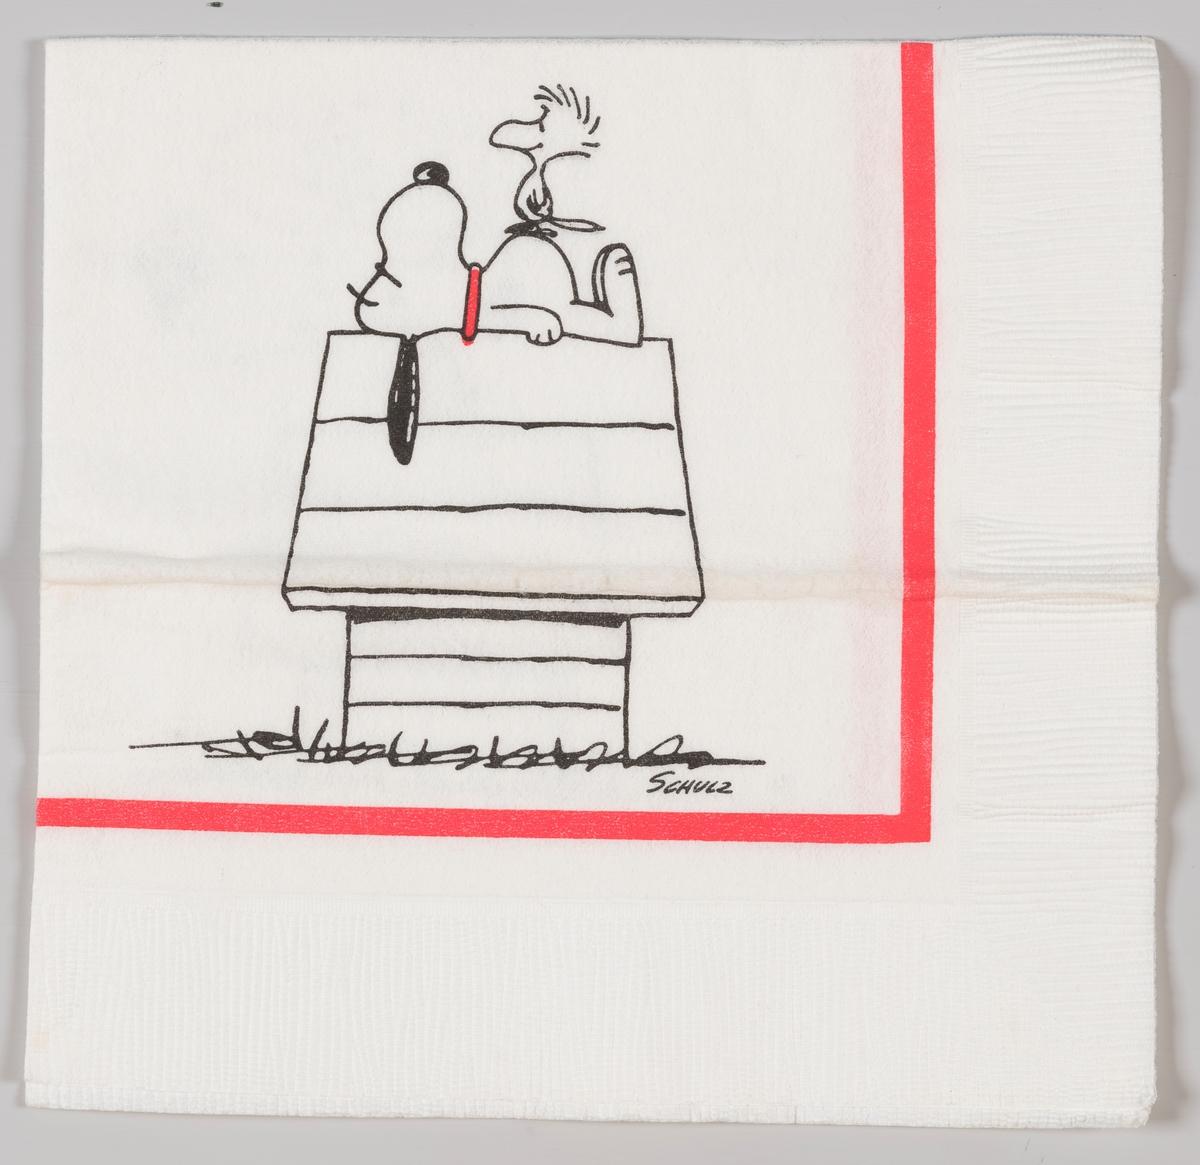 Snoopy ligger på taket av sitt hundehus sammen med fuglen Woodstock.  Knøttene på amerikansk Peanuts er en amerikansk tegneserie som ble skapt av Charles M. Schulz i 1950. En av figurene i serien er hunden Sniff på amerikansk Snoopy ble spesielt populær fra 1960-årene sammen med sin venn fuglen Woodstock.